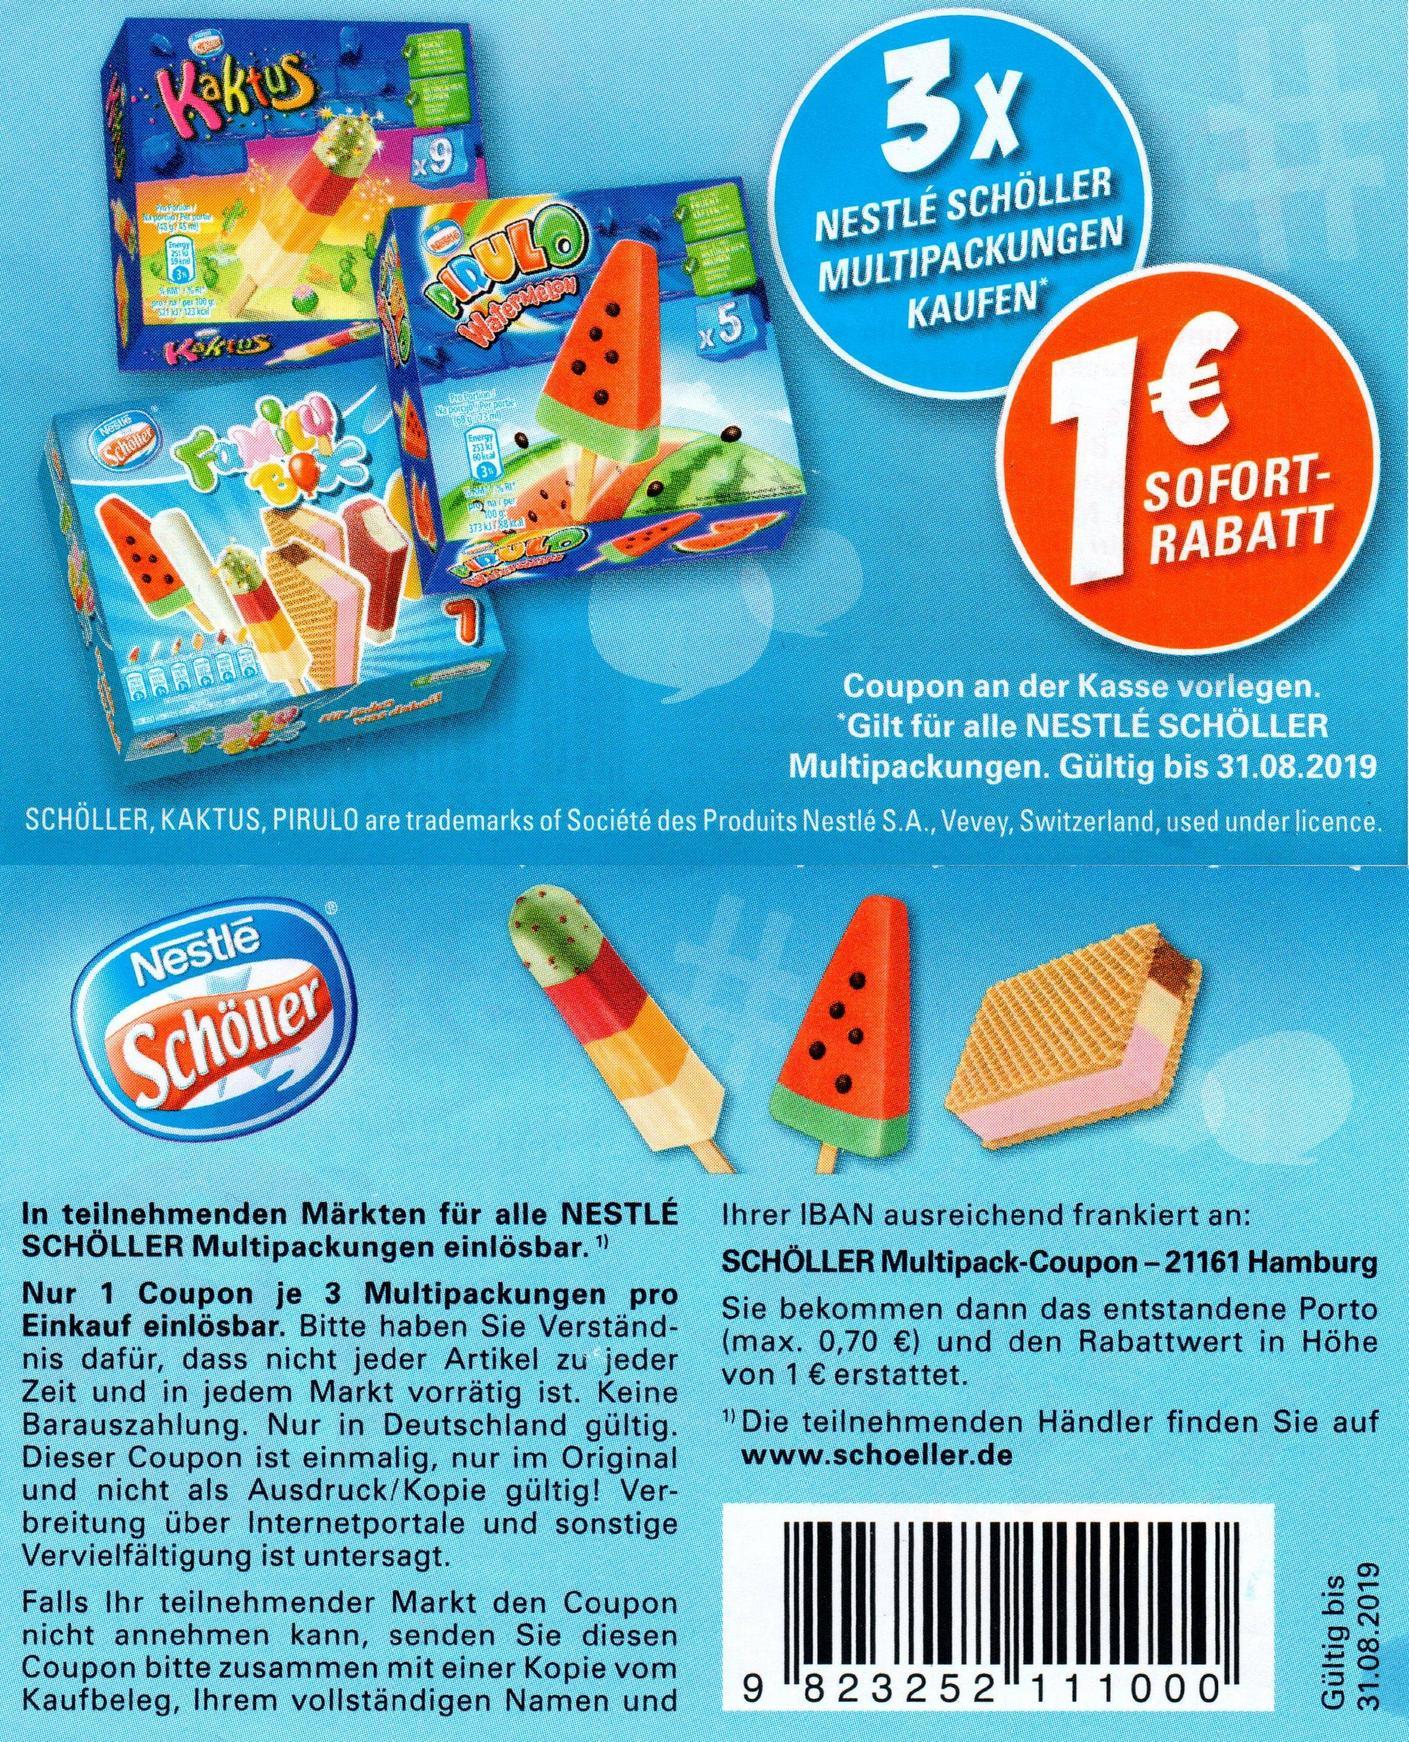 1€ Rabatt Coupon für den Kauf von 3x Nestlé Schöller Multipackungen bis zum 31.08.2019